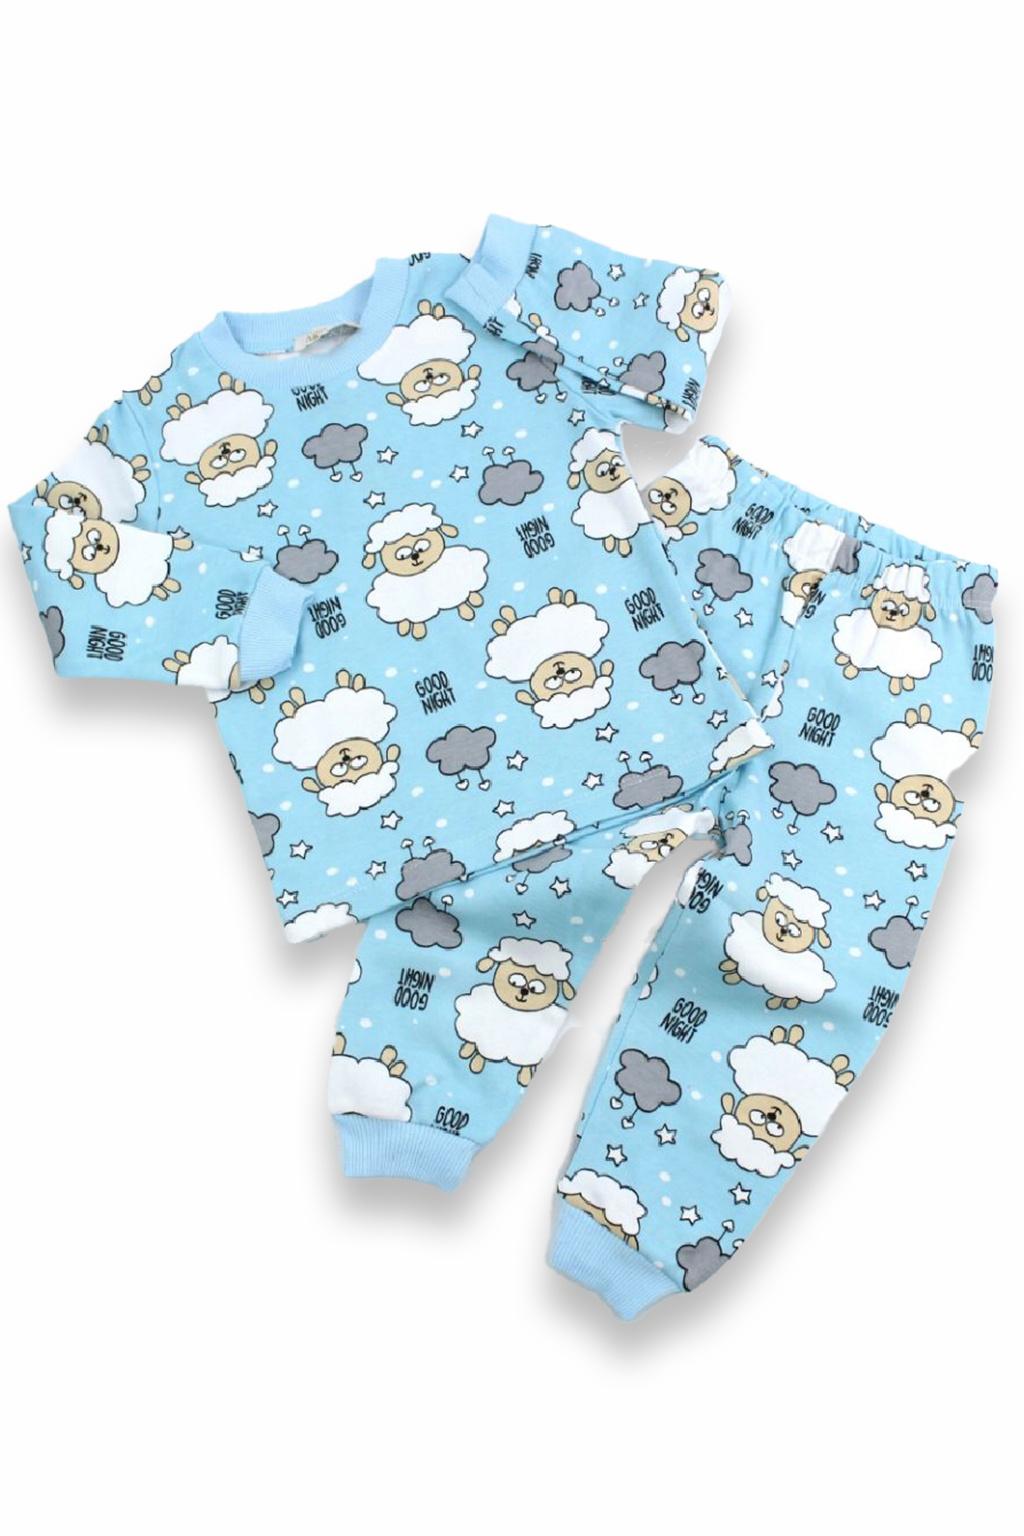 Dvojdílné pyžamo Good Night, modré